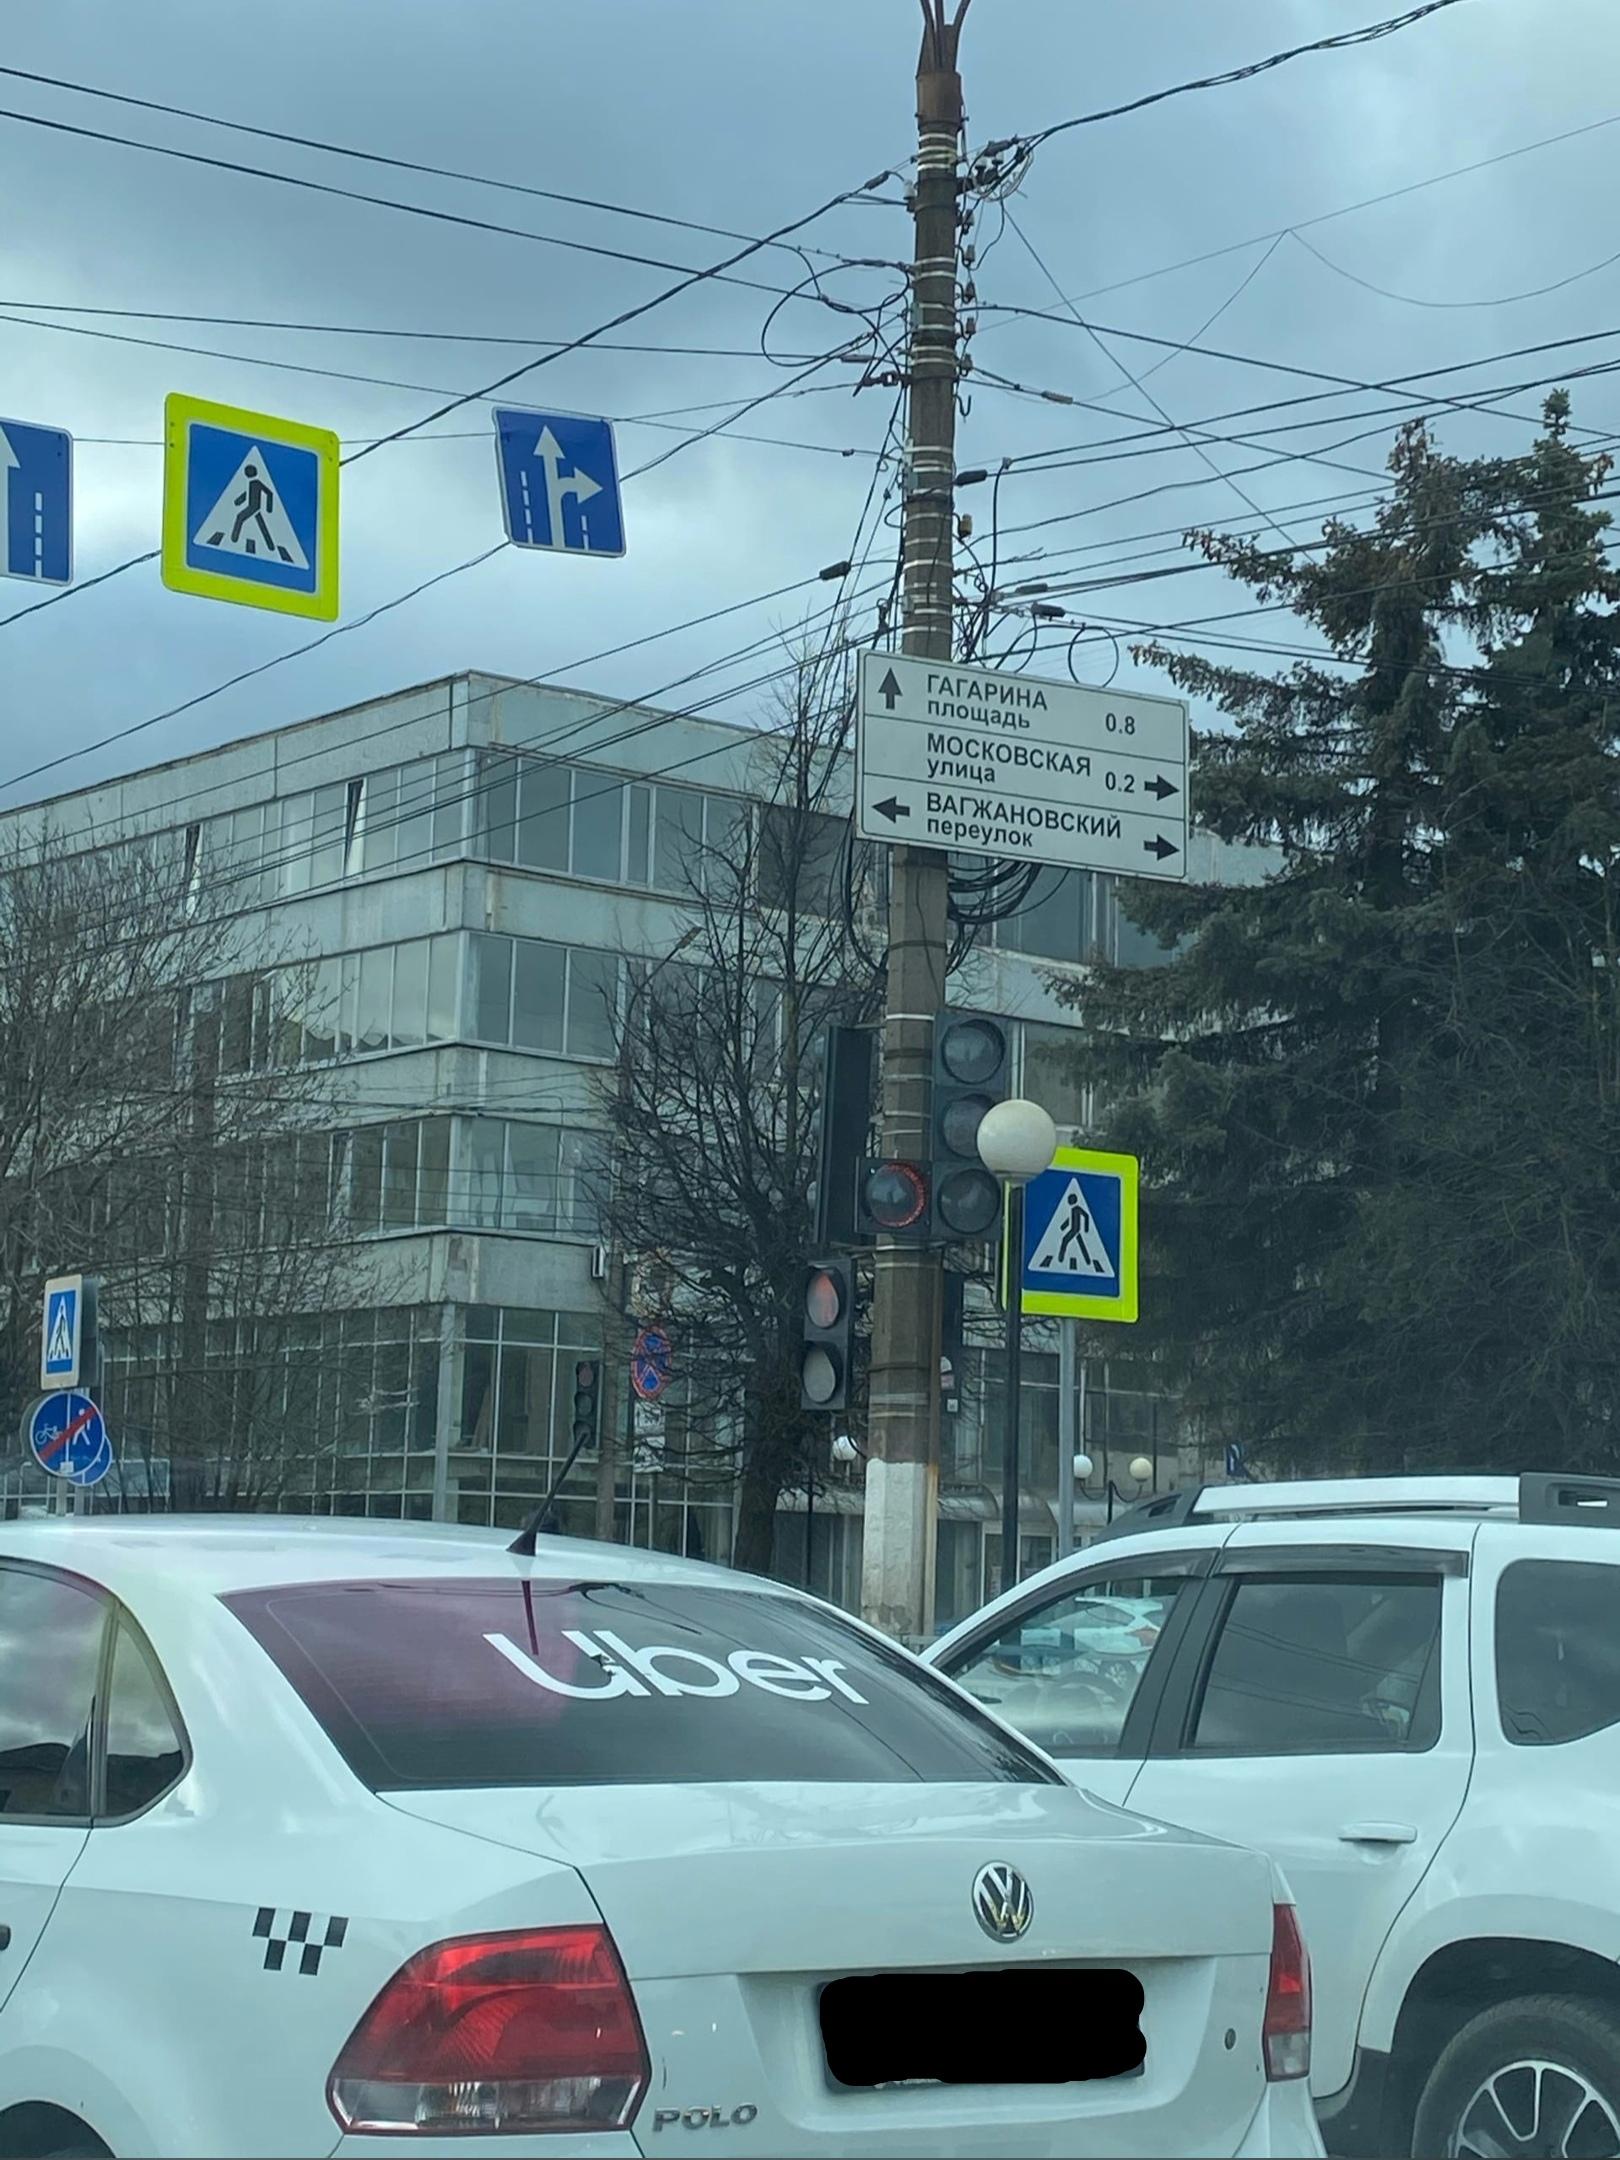 Дополнительную секцию светофора добавили на улице Твери